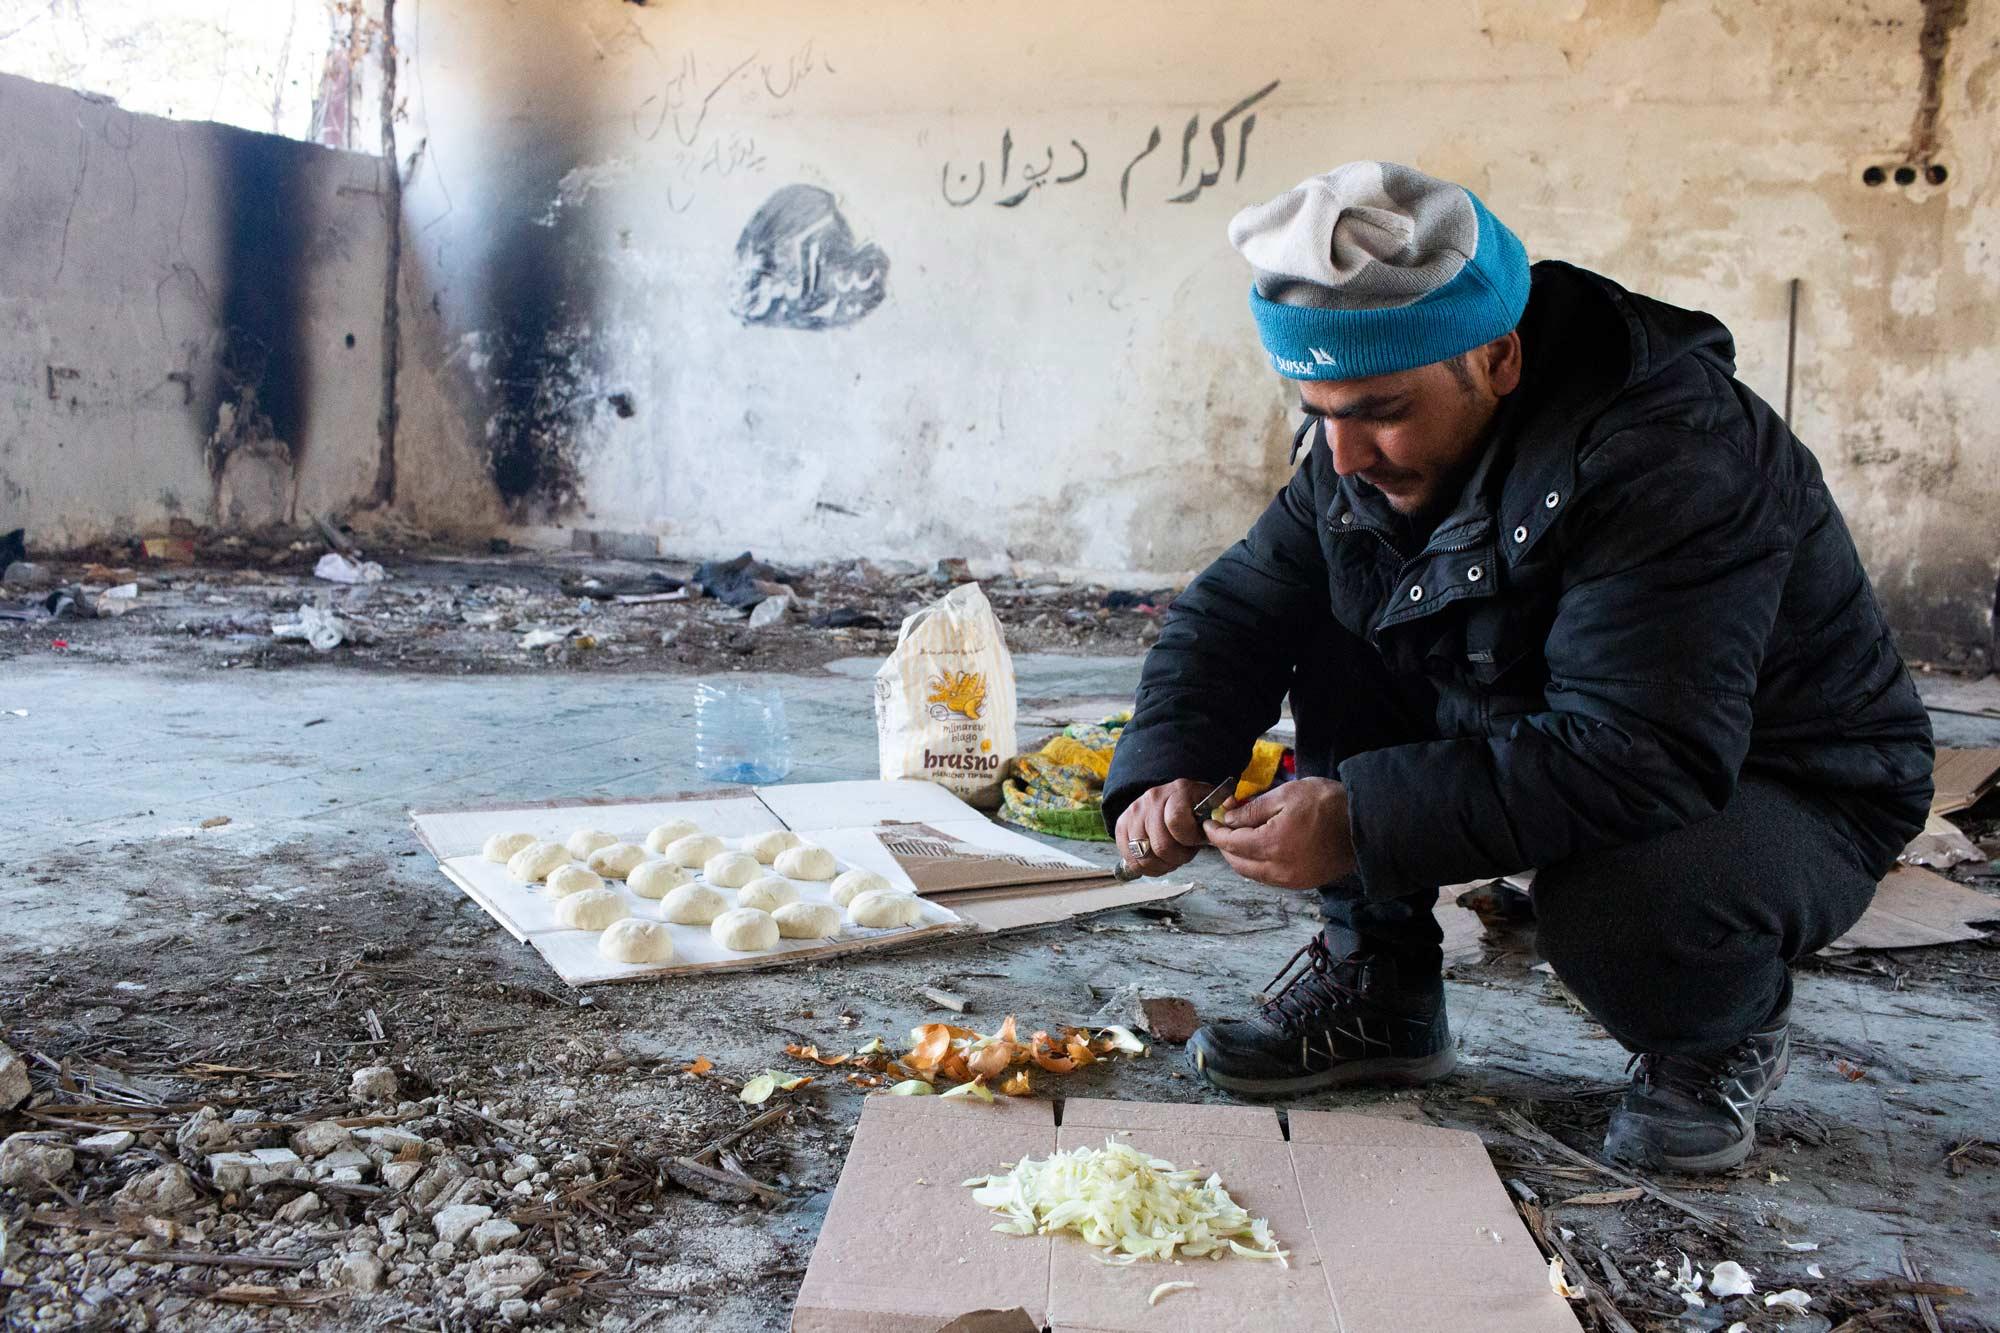 desperate refugees and migrants food - <b>Крепость «Европа»:</b> как мигранты сталкиваются с полицейской жестокостью на Балканах - Заборона